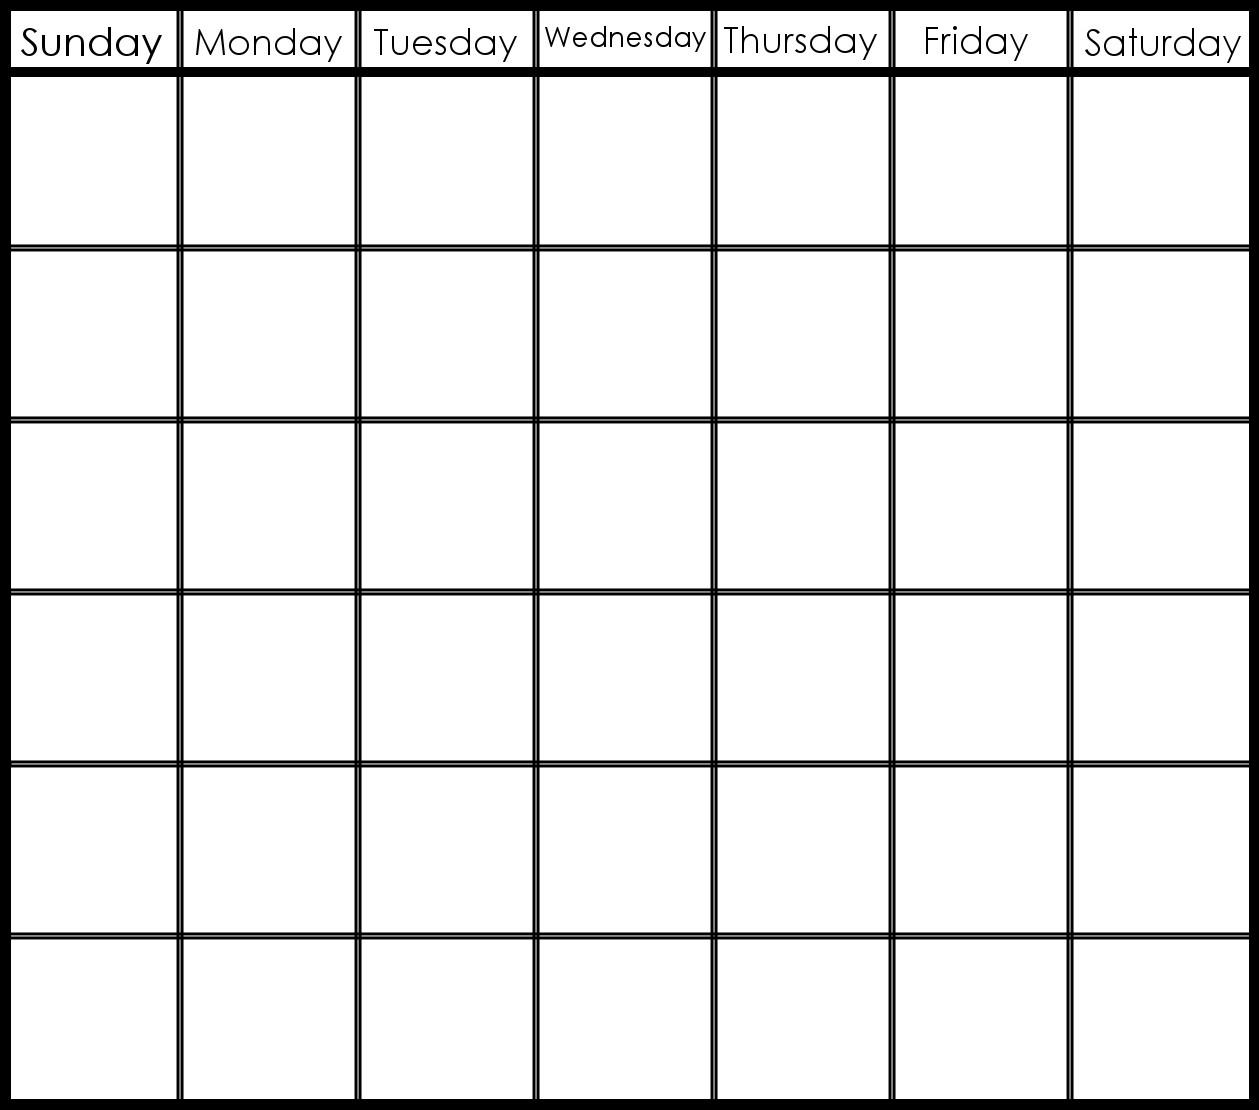 6 Week Printable Calendar | Printable Calendar Templates 2019 Blank Calendar Template 6 Weeks